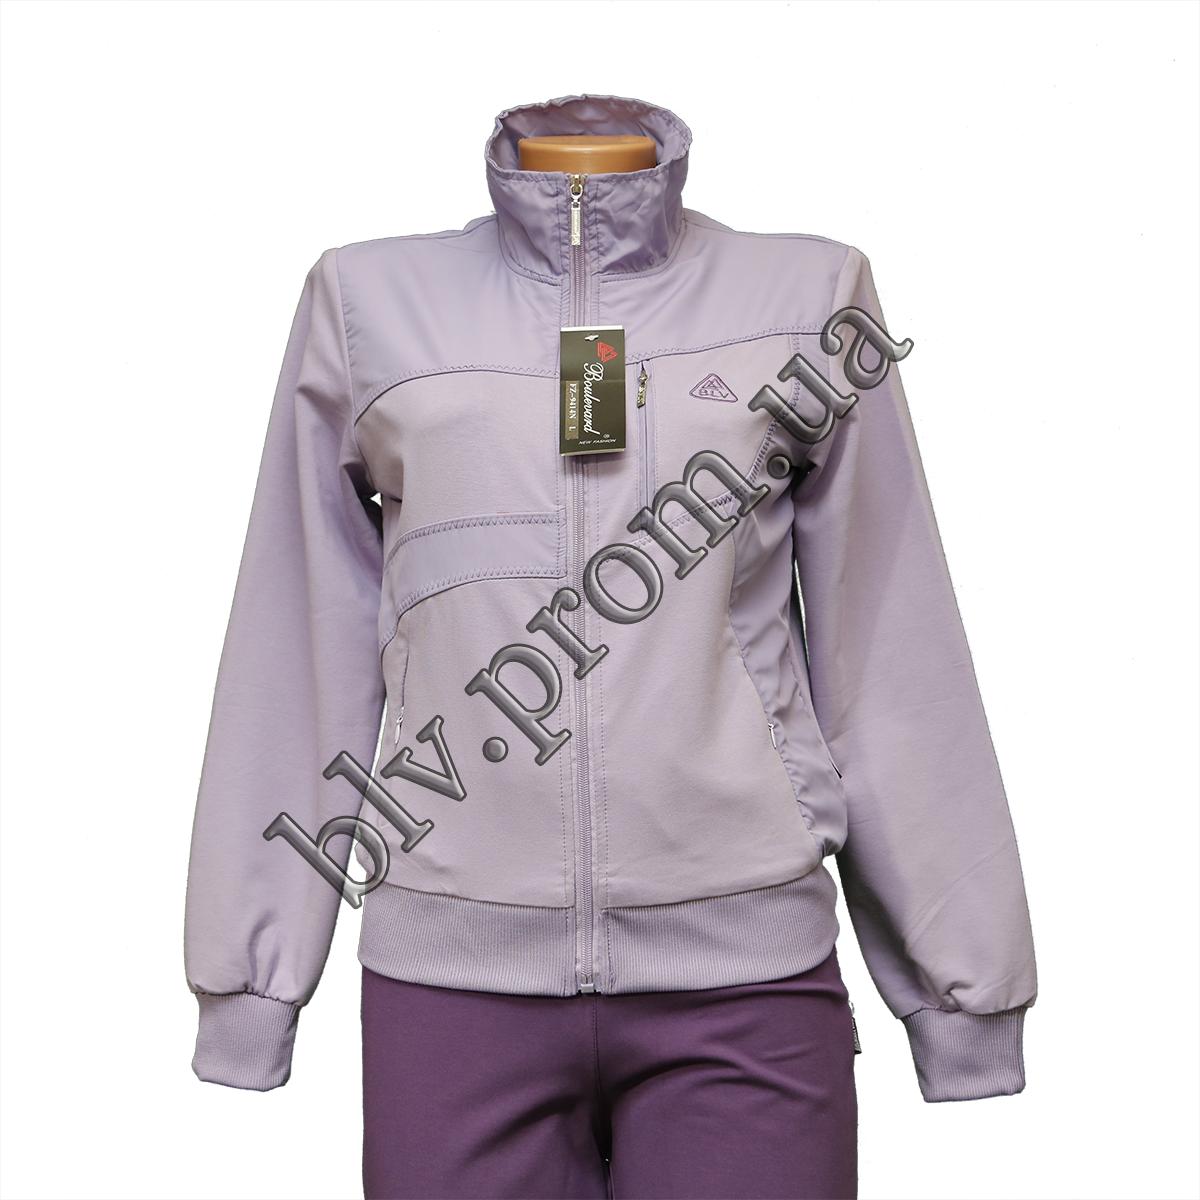 Спортивный костюм женский интернет магазин Венгрия недорого  FZ9414